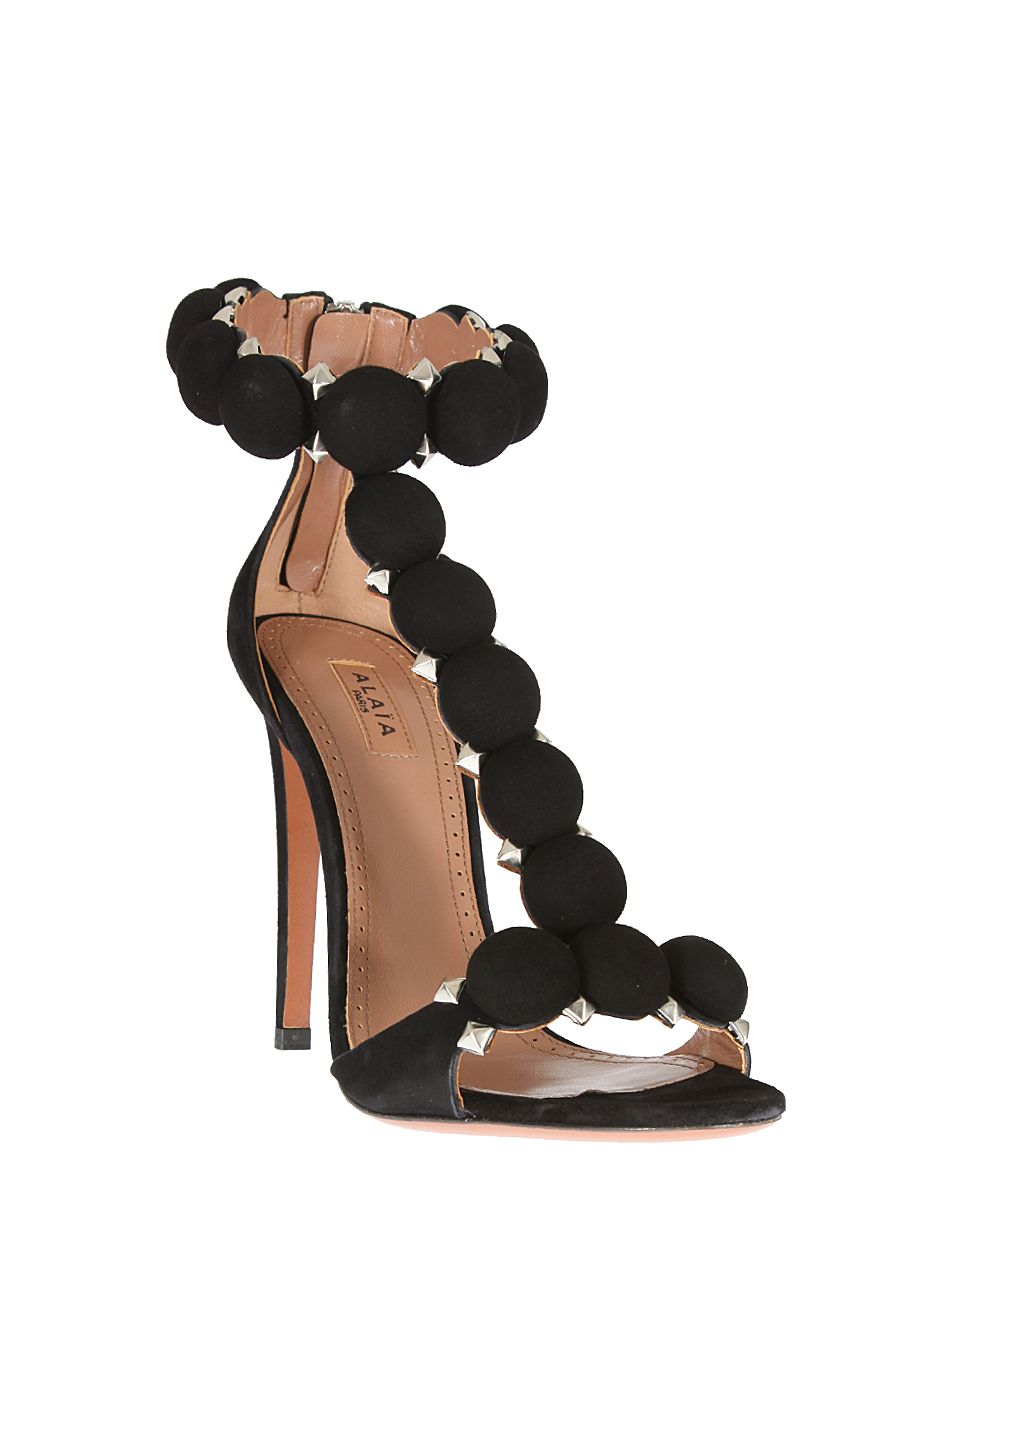 azzedine alaia sandals | Azzedine Alaïa